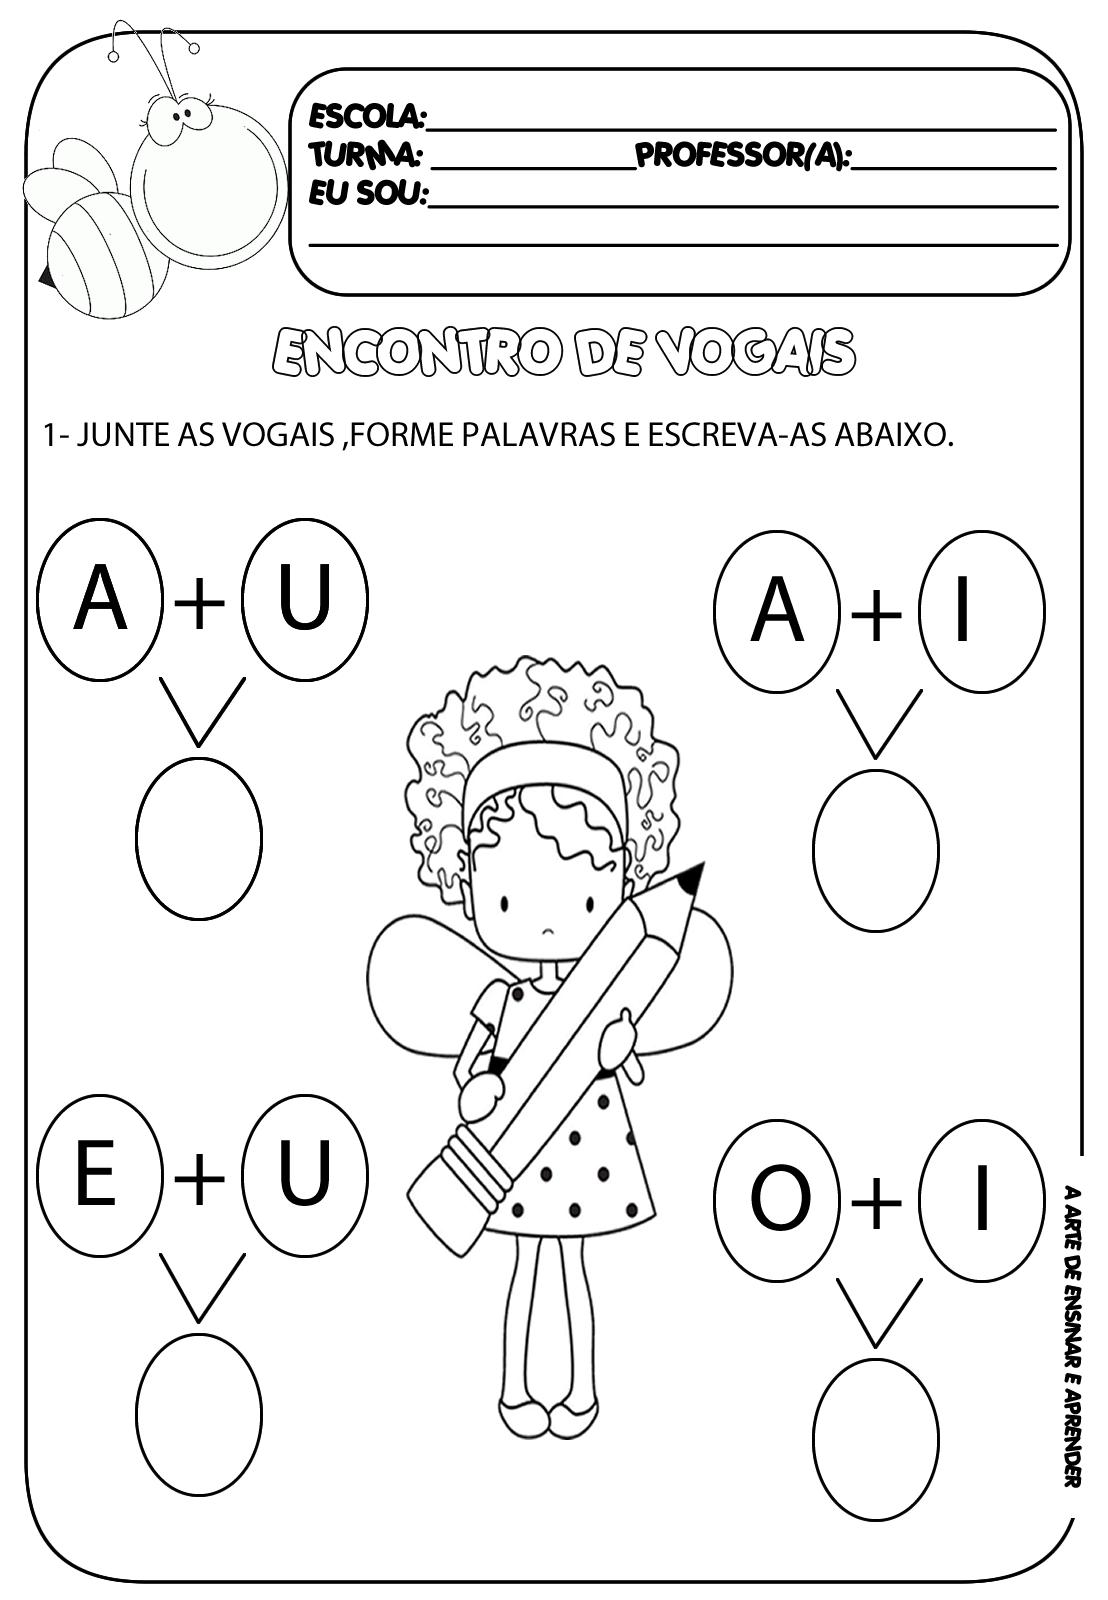 Atividade pronta - Encontro vocálico   Zeichen und Buchstaben